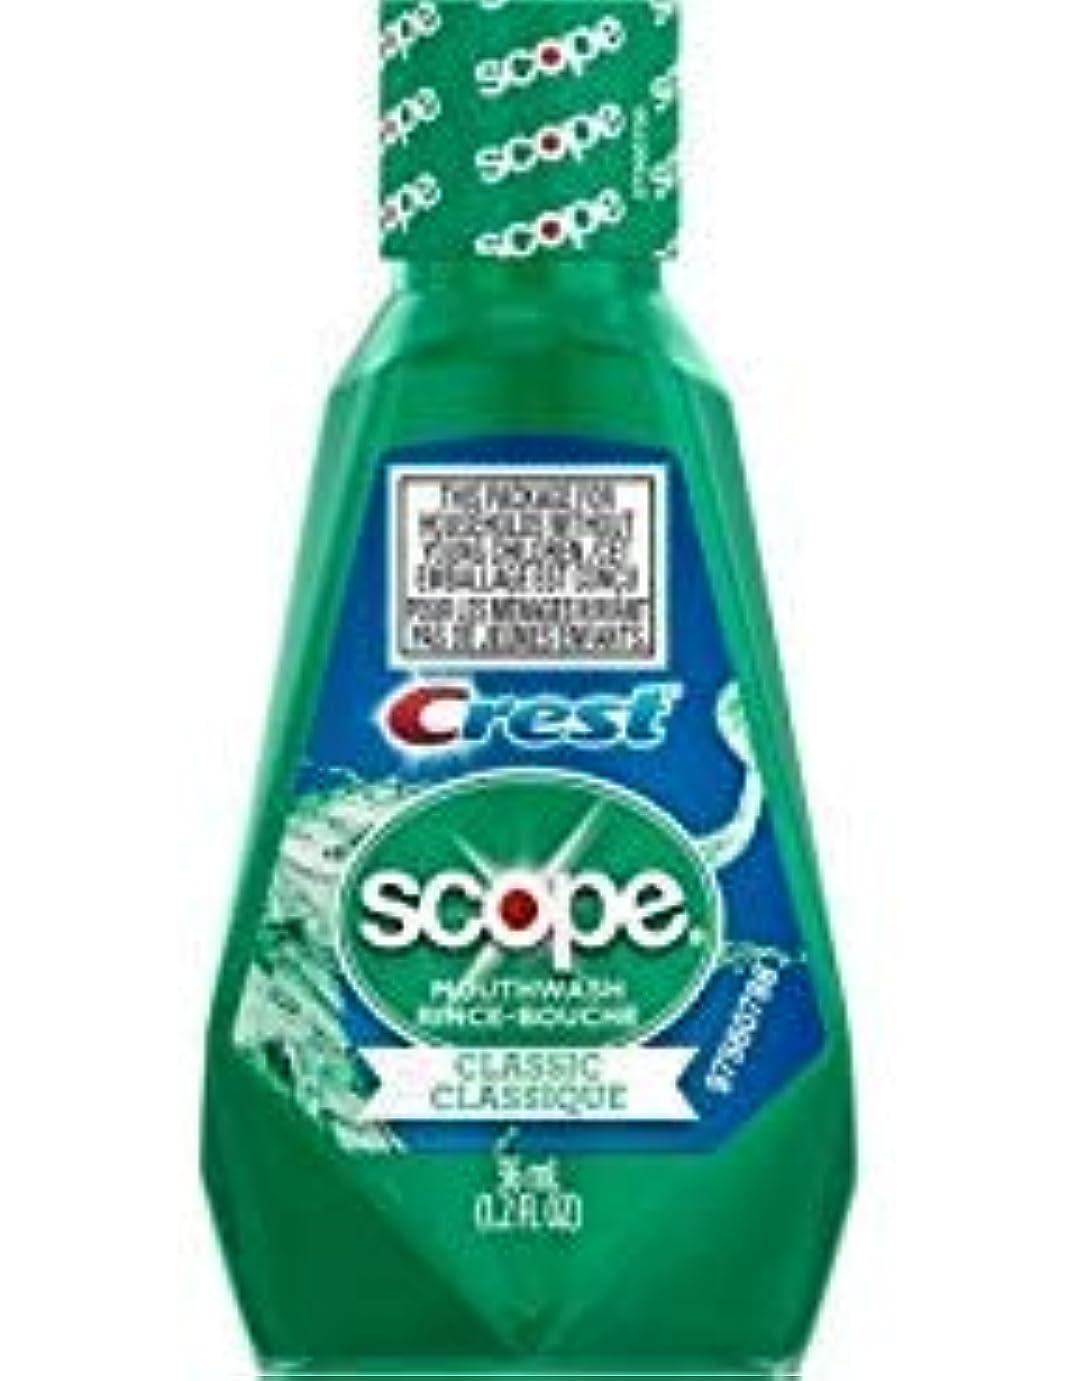 落花生かご電卓Crest スコープマウスウォッシュ36ミリリットルトラベルサイズのボトル(#00838)